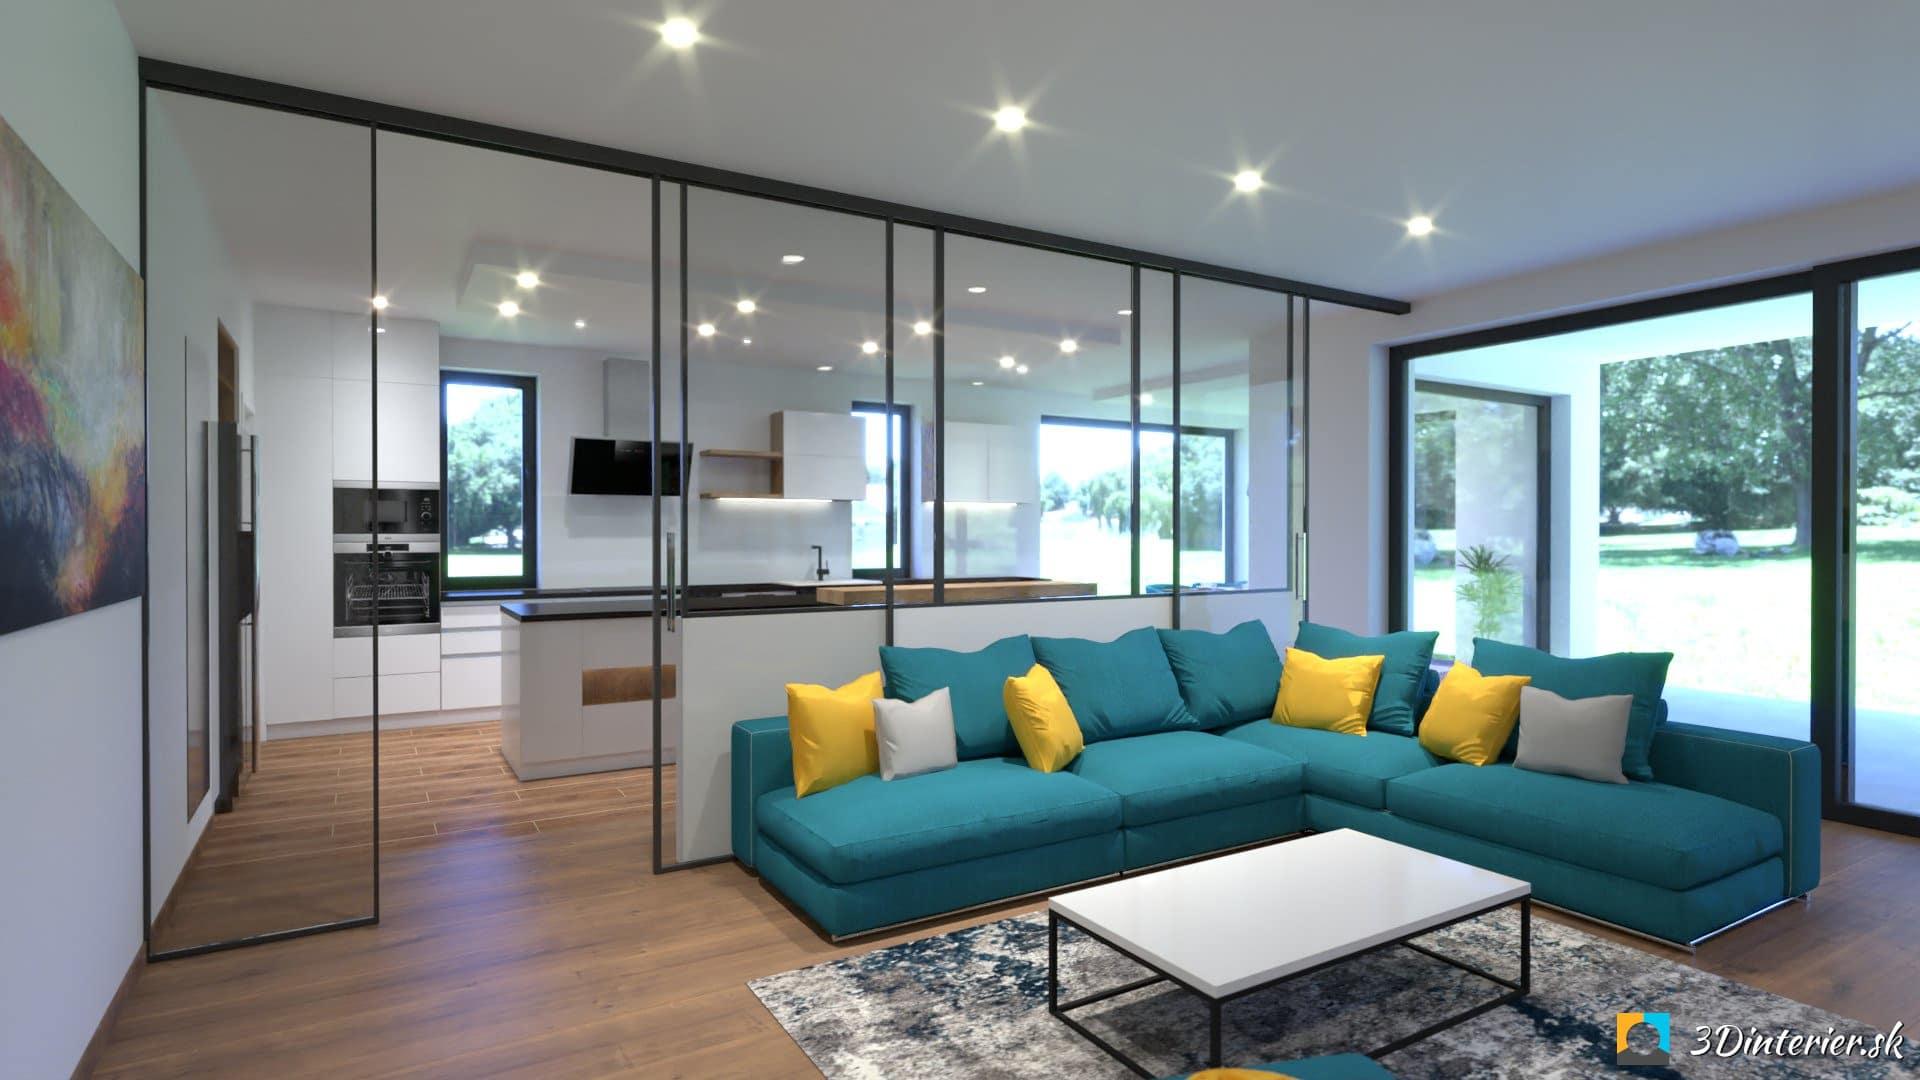 navrh interieru obyvacka tyrkysova sedačka sklenena stena